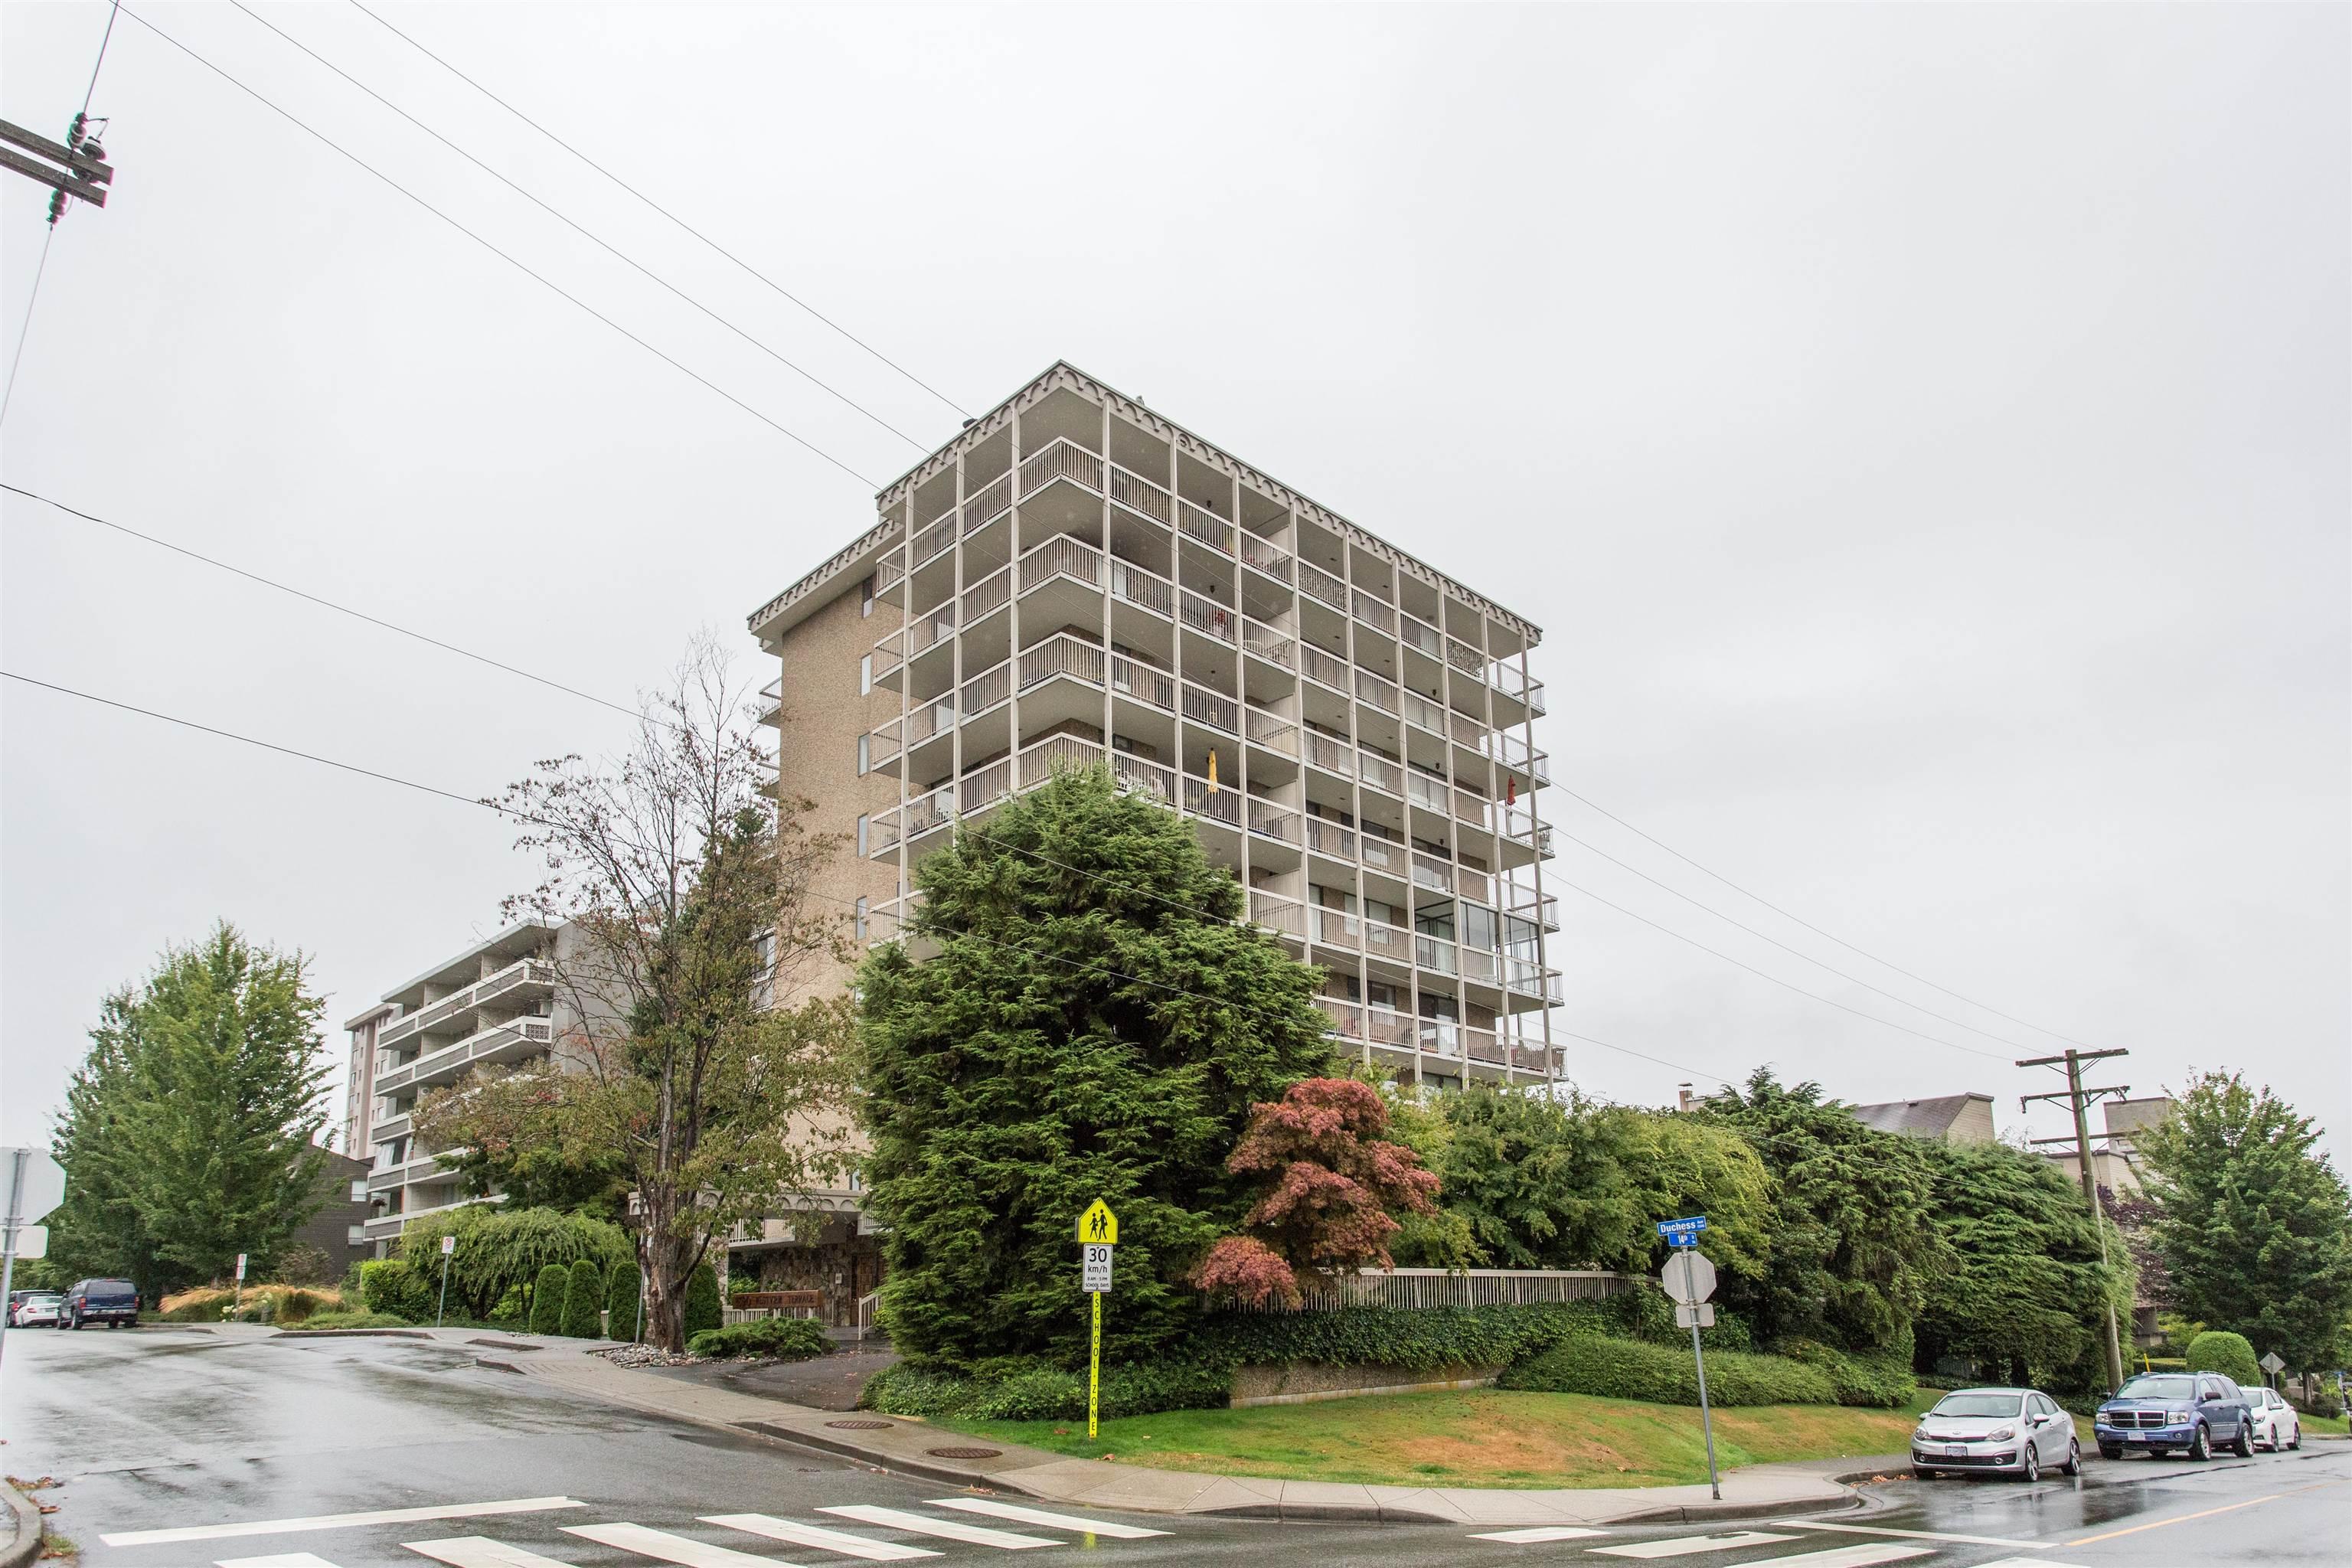 203 1390 DUCHESS AVENUE - Ambleside Apartment/Condo for sale, 1 Bedroom (R2611618) - #1